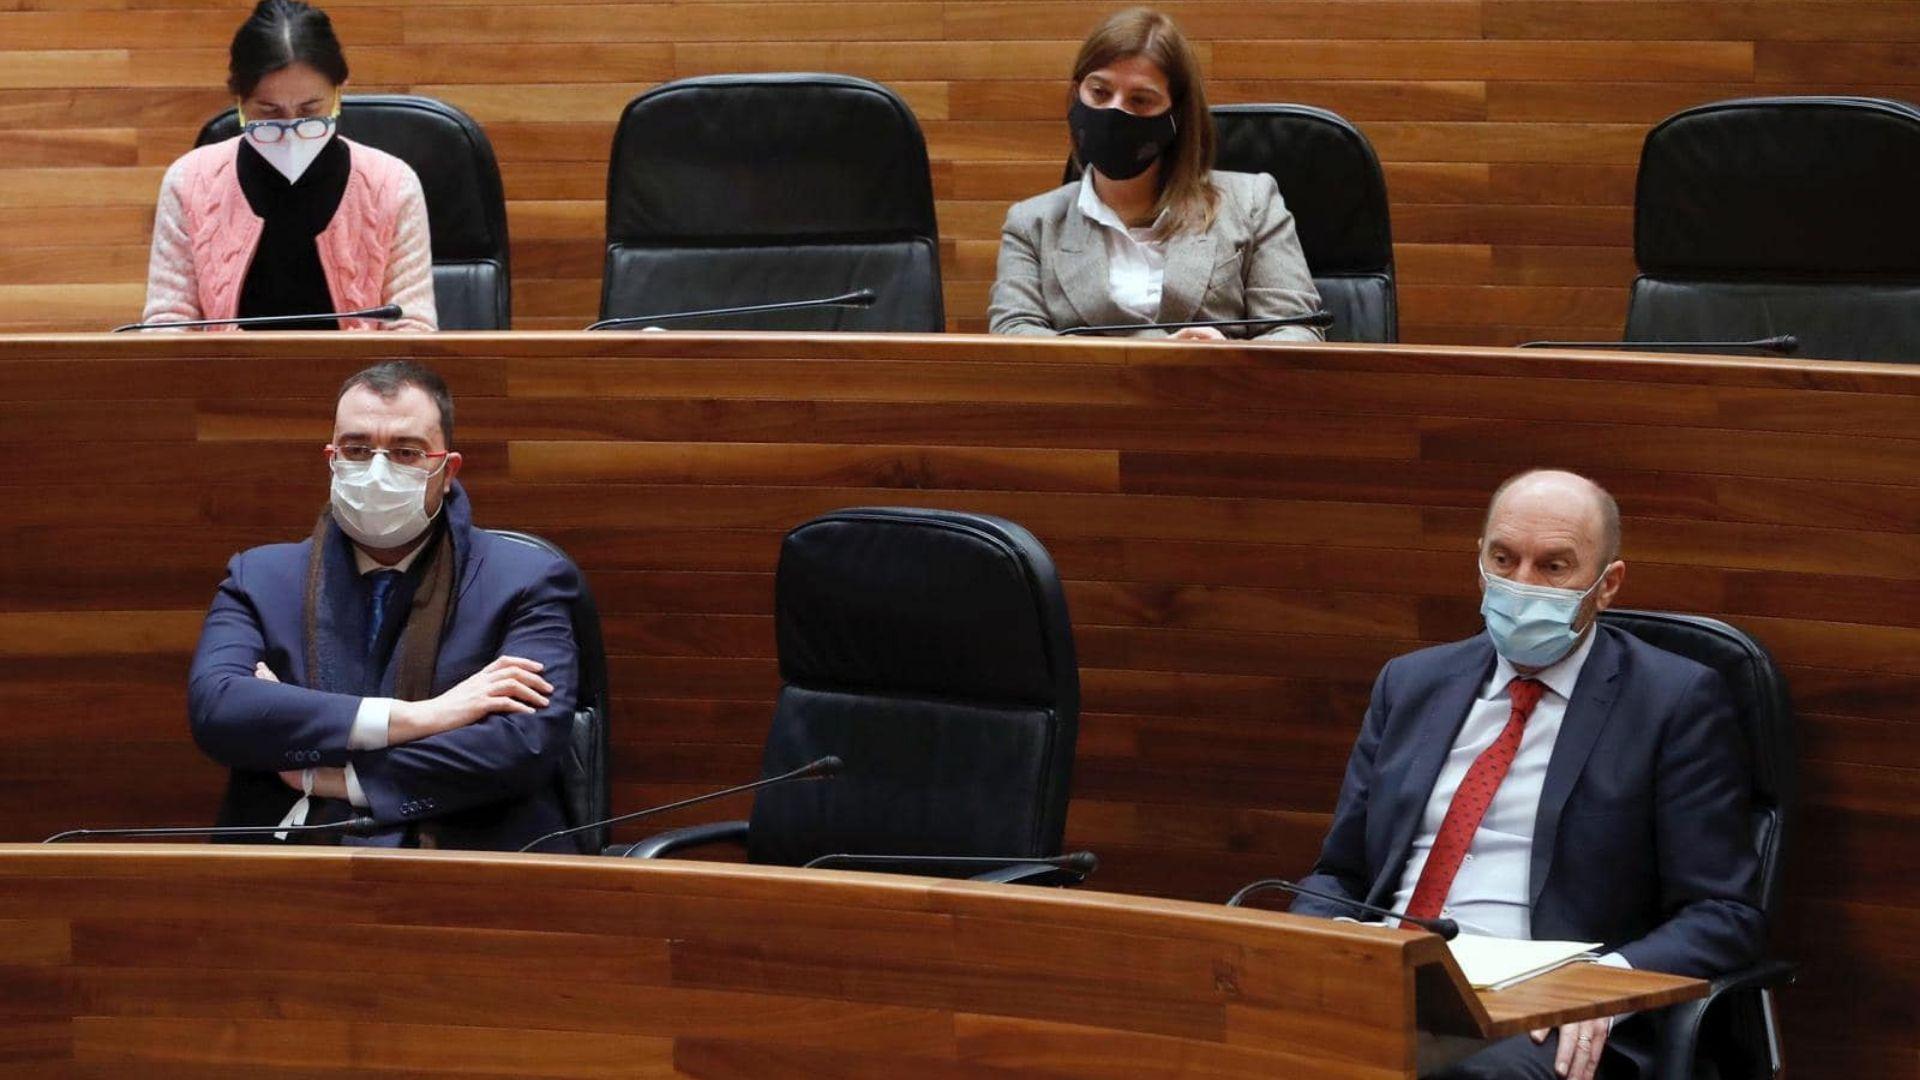 El presidente del Principado, Adrián Barbón, y el vicepresidente y consejero de Administración Autonómica, Medio Ambiente y Cambio Climático, Juan Cofiño, durante el pleno de la Junta